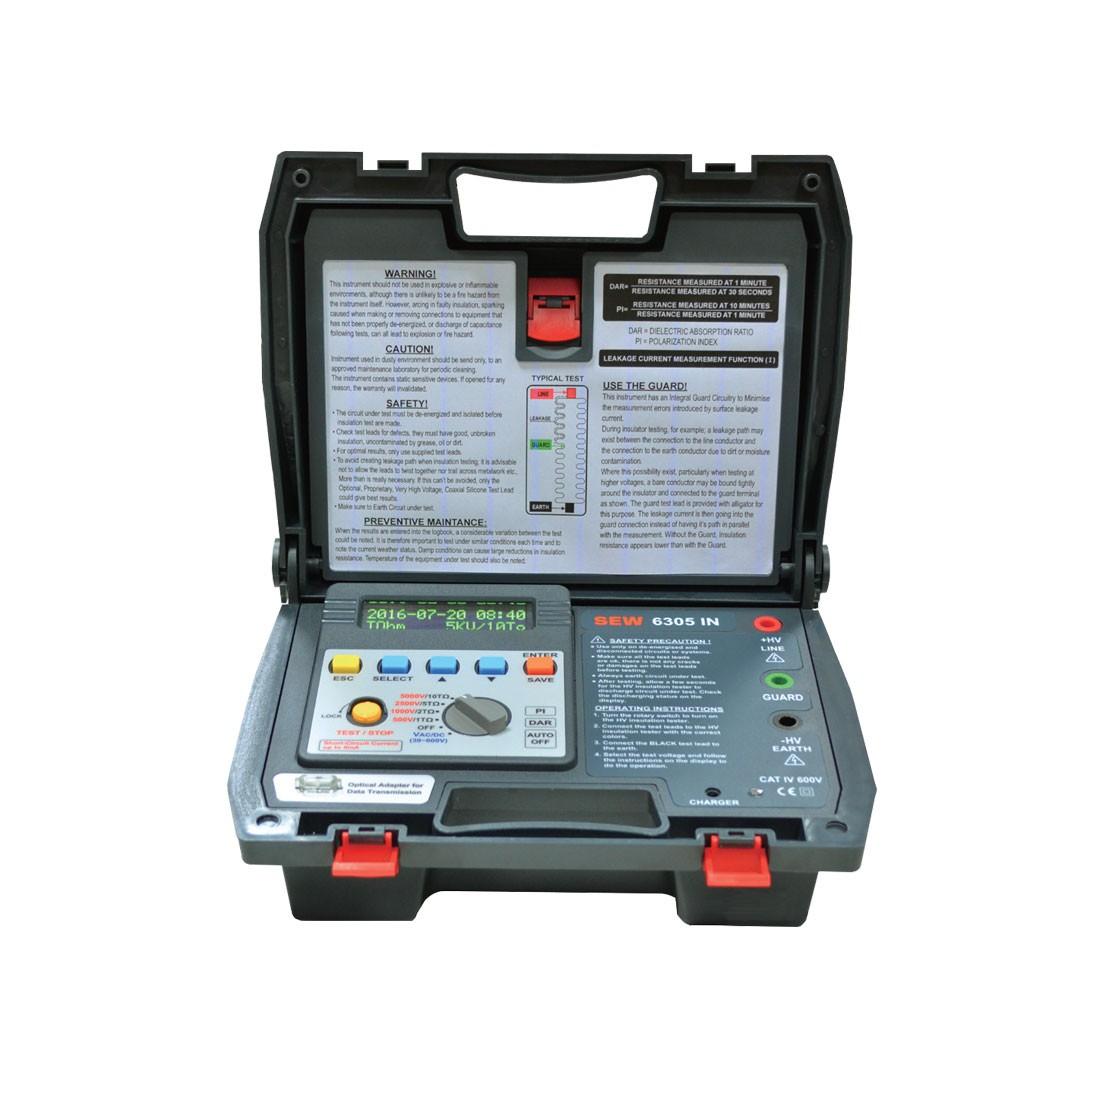 6305IN Digital (1kV up) High Voltage Insulation Tester